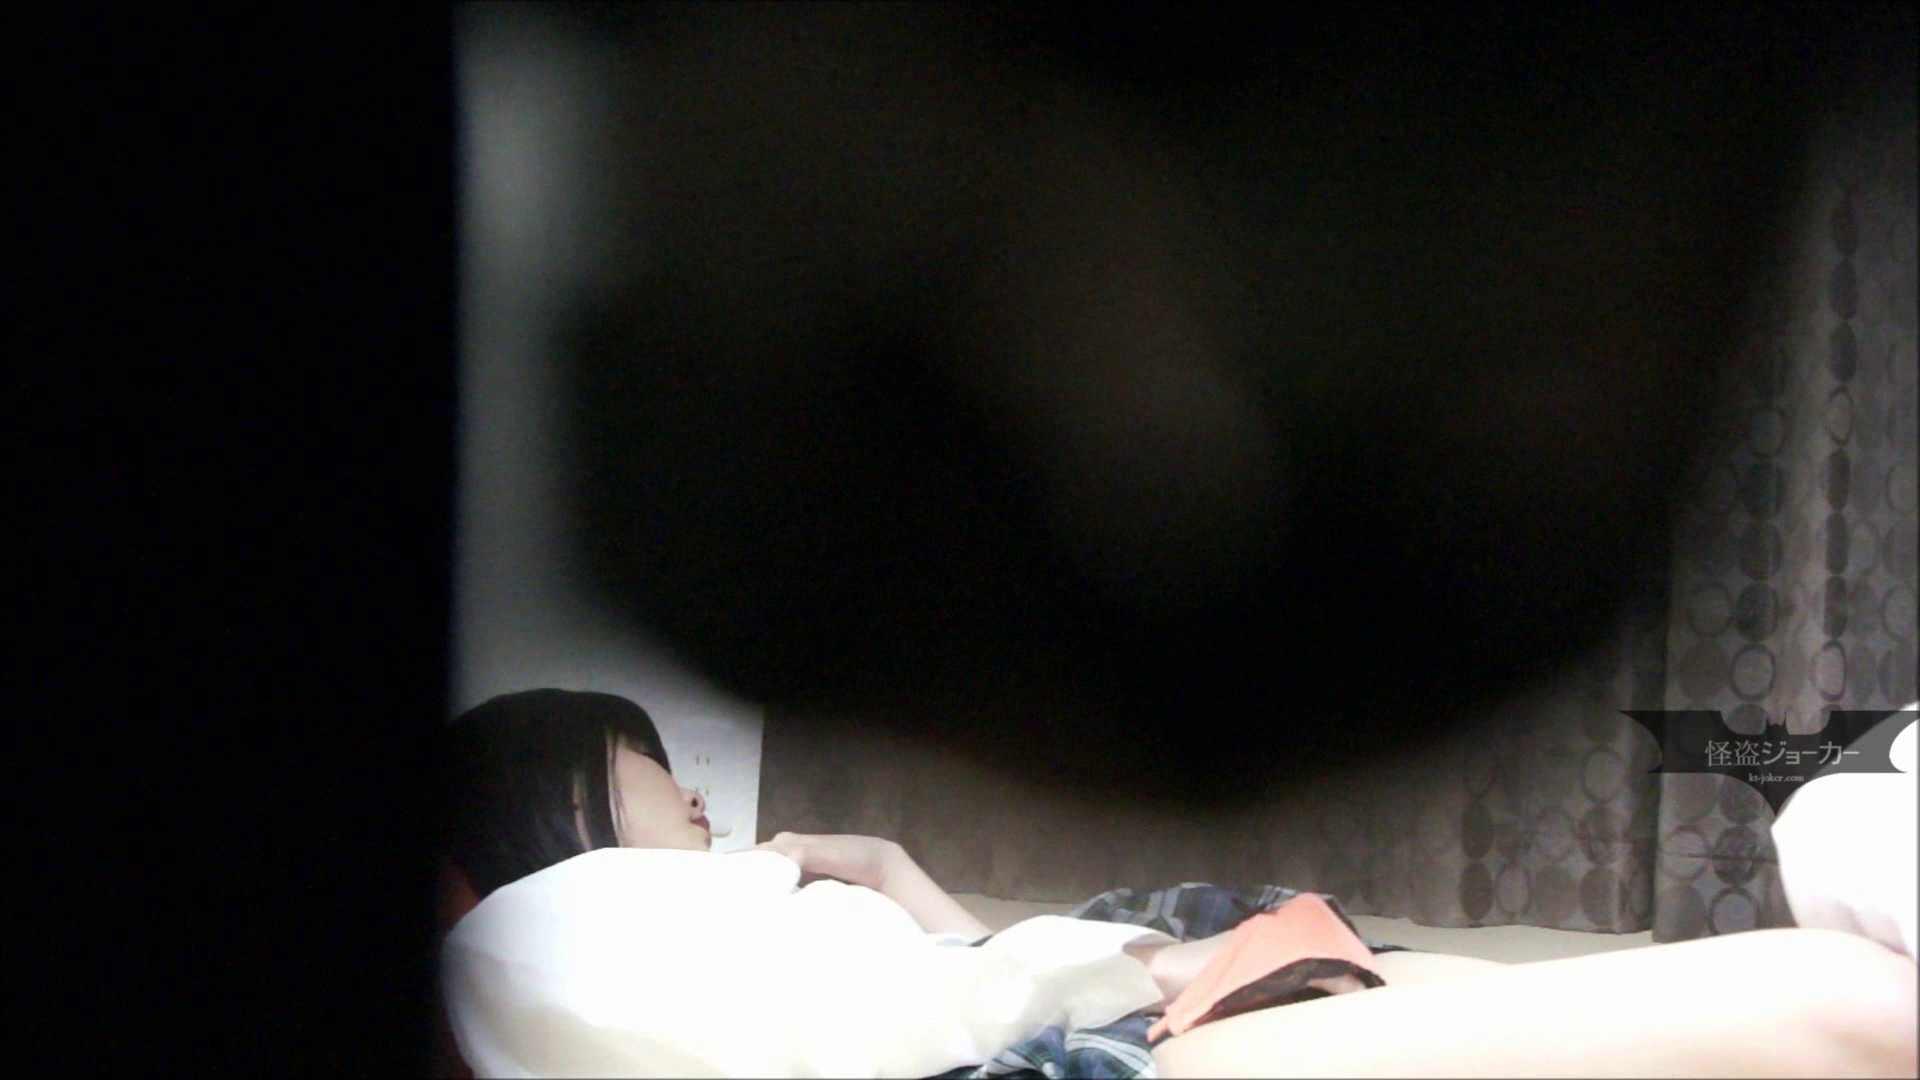 【未公開】vol.54【小春】脱衣所とオナニー隠し撮り 脱衣所   高画質  81画像 46